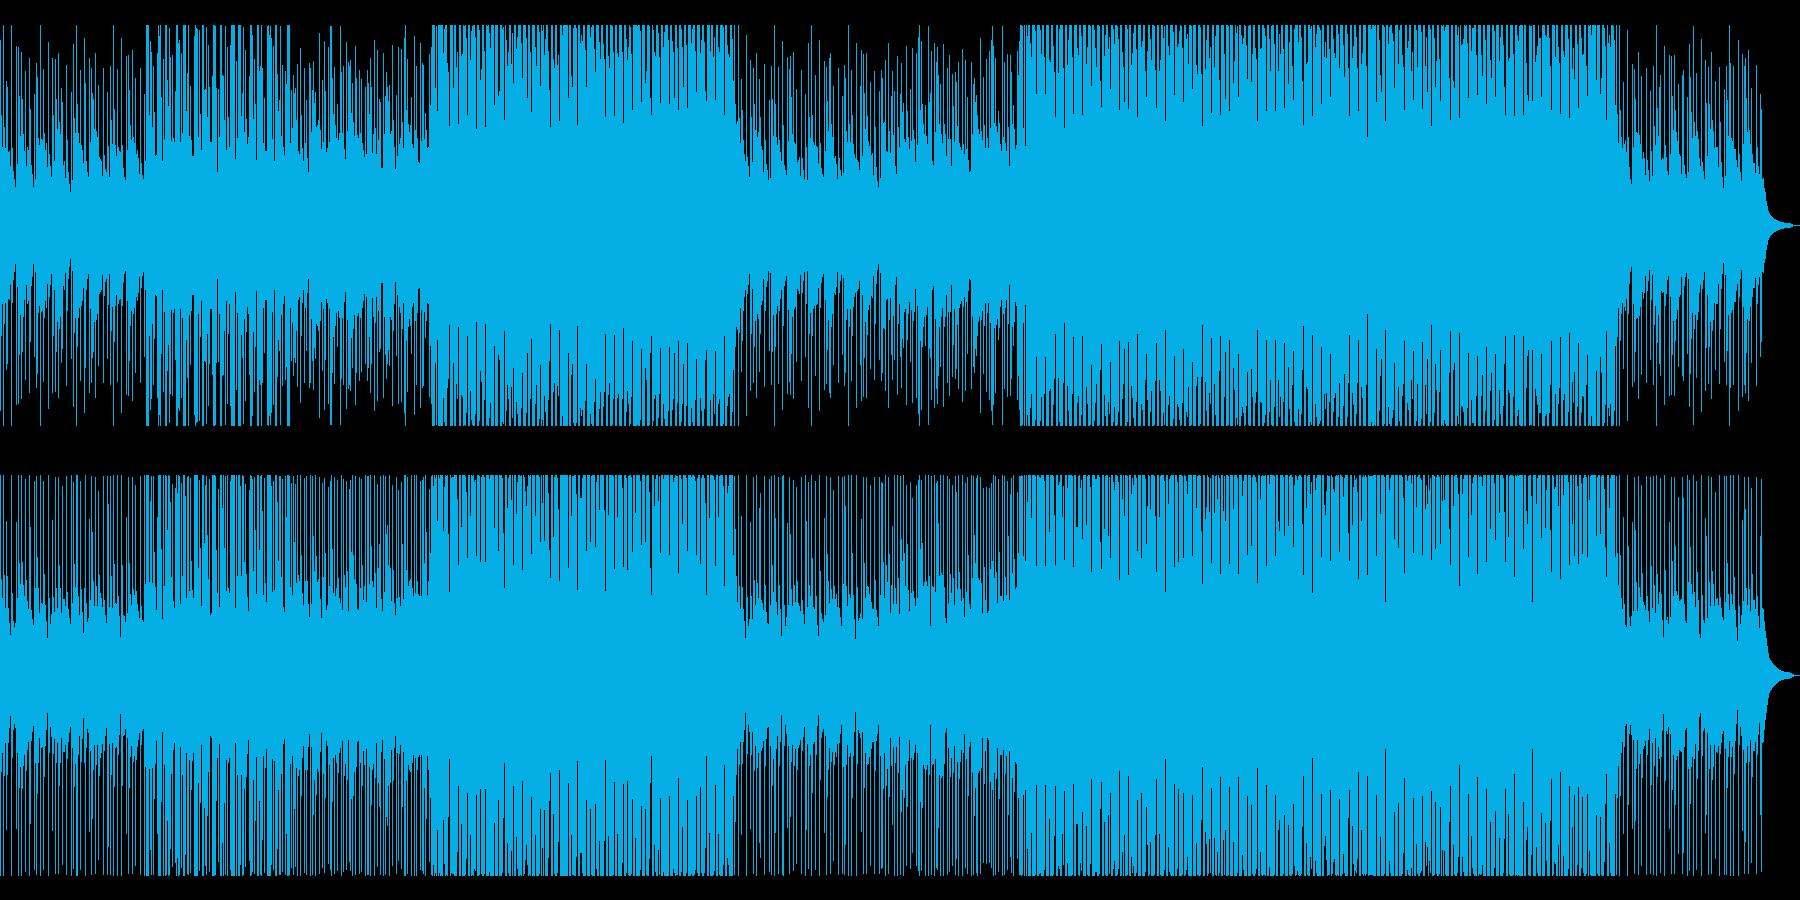 カリンバ、マリンバのさわやかポップスの再生済みの波形